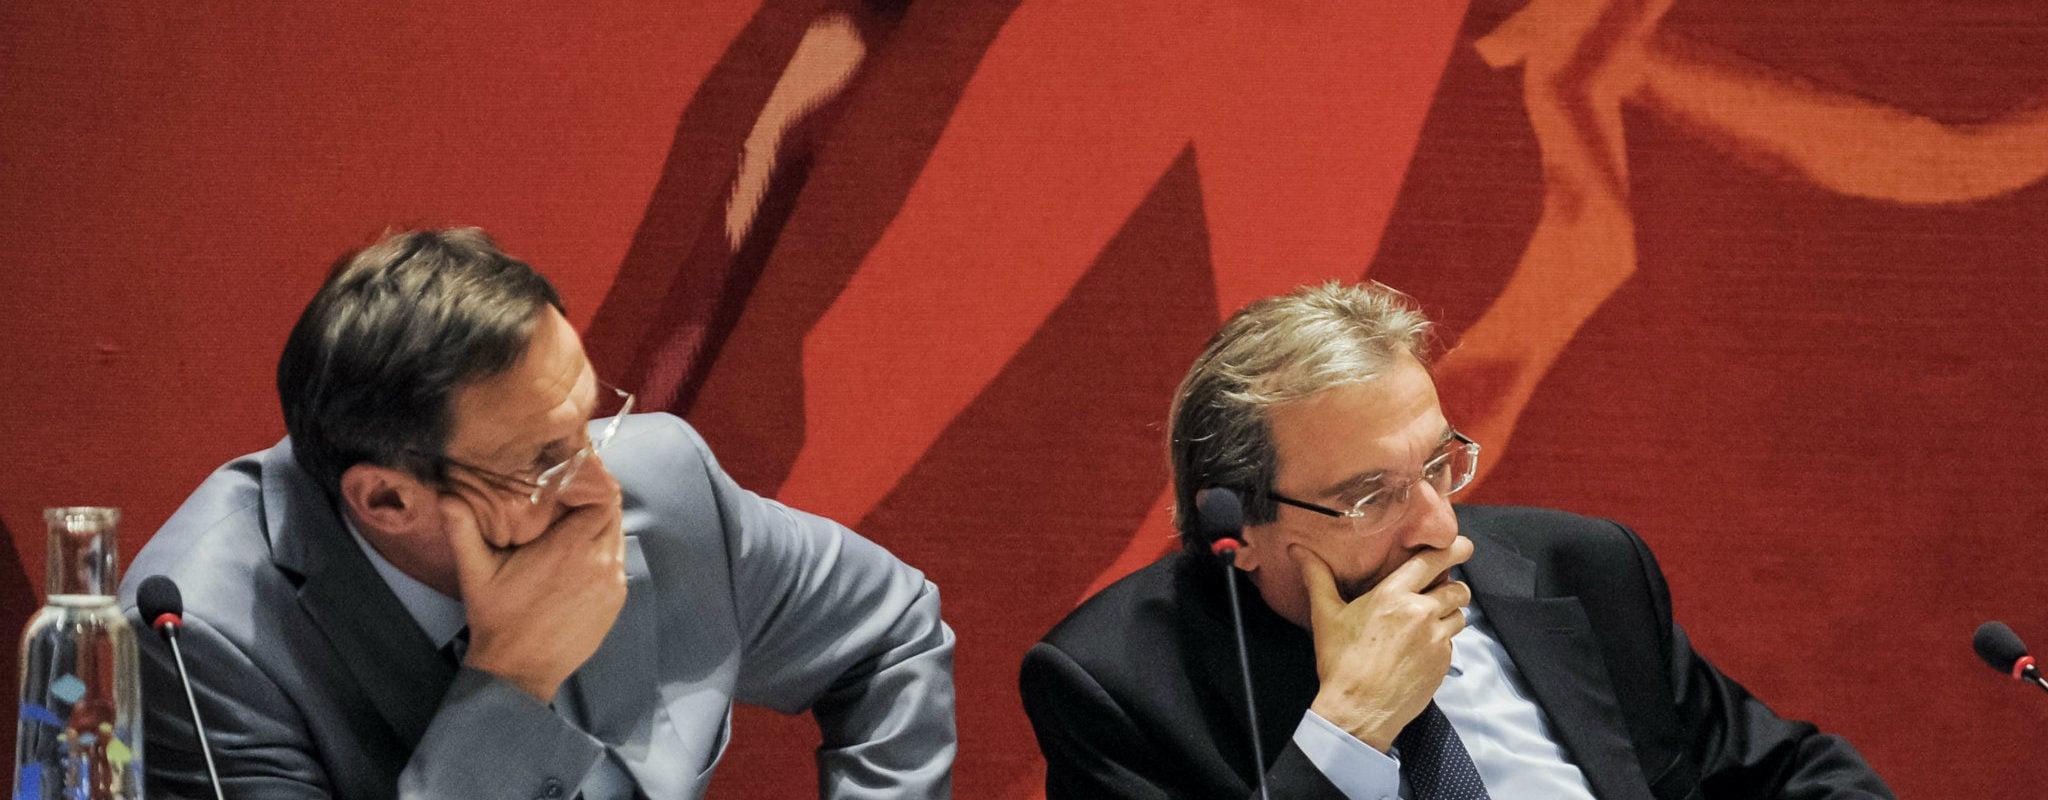 Au conseil de l'Eurométropole, l'étendue d'une zone de circulation limitée en débat